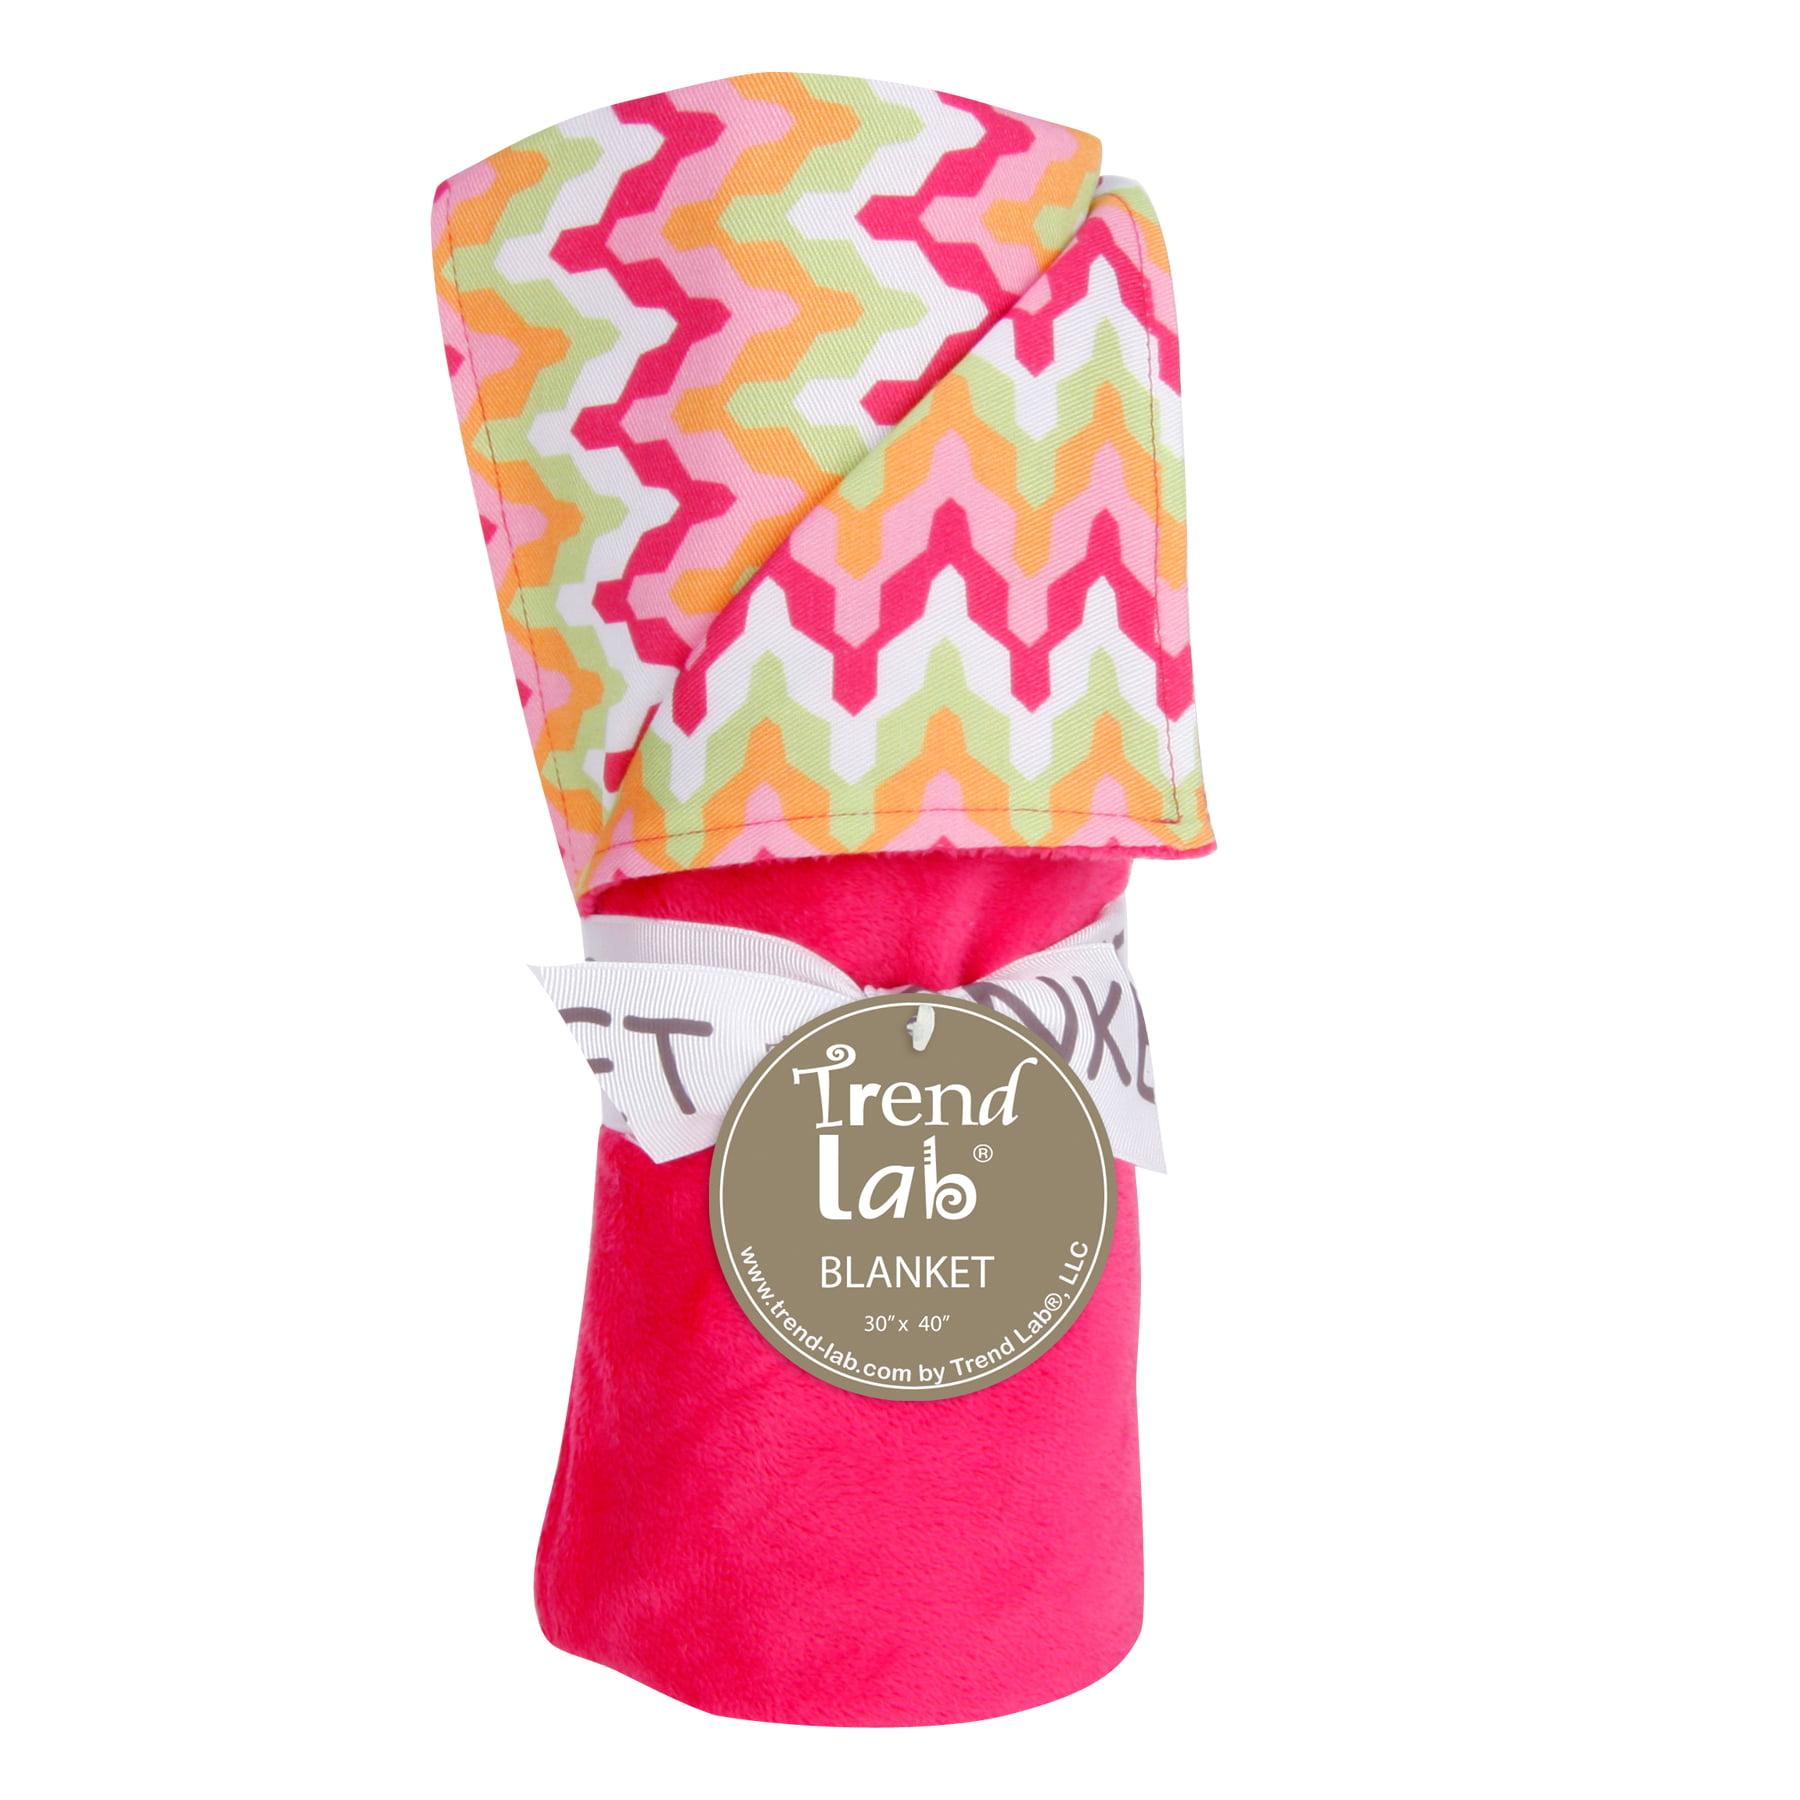 Trend Lab Receiving Blanket - Savannah